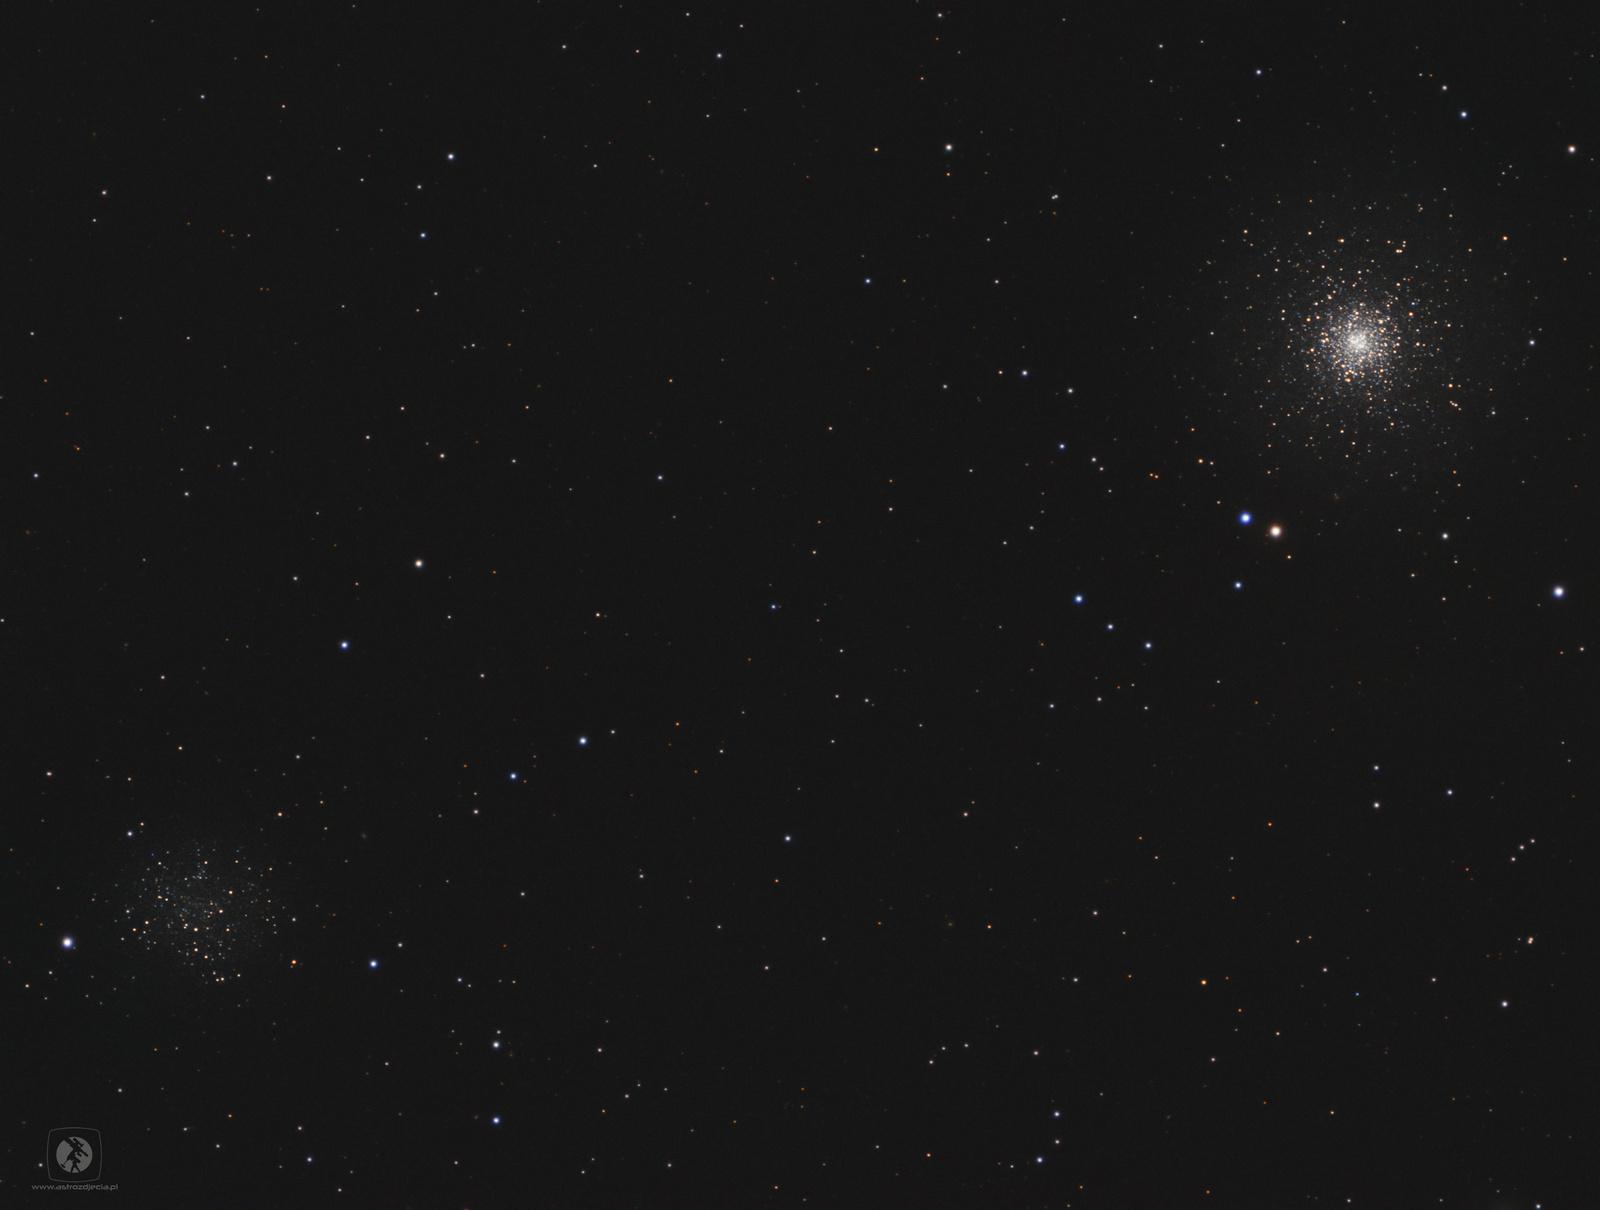 M53_NGC5053.thumb.jpg.6713ca8159084ded8bf29fd46146a0ca.jpg